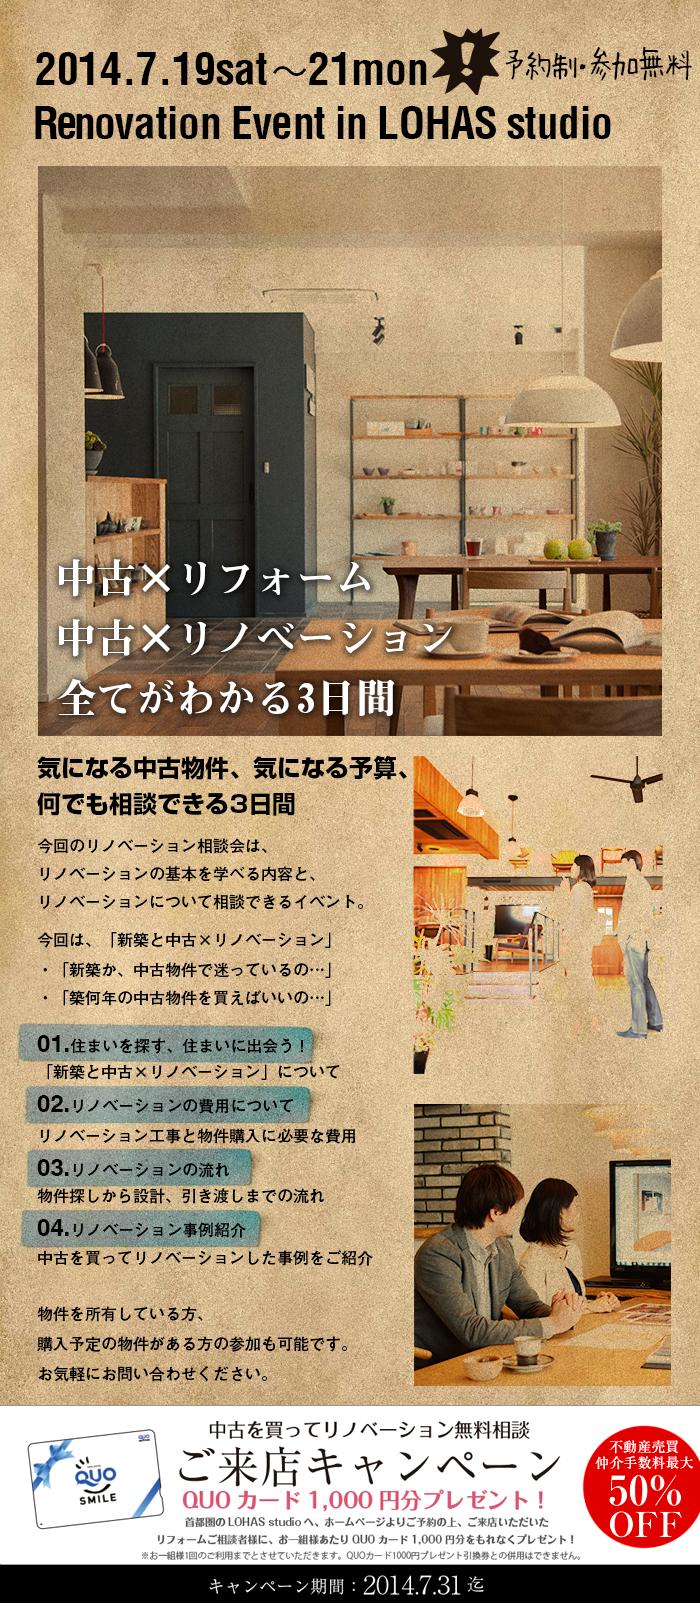 201407yoyaku_event19-21.png